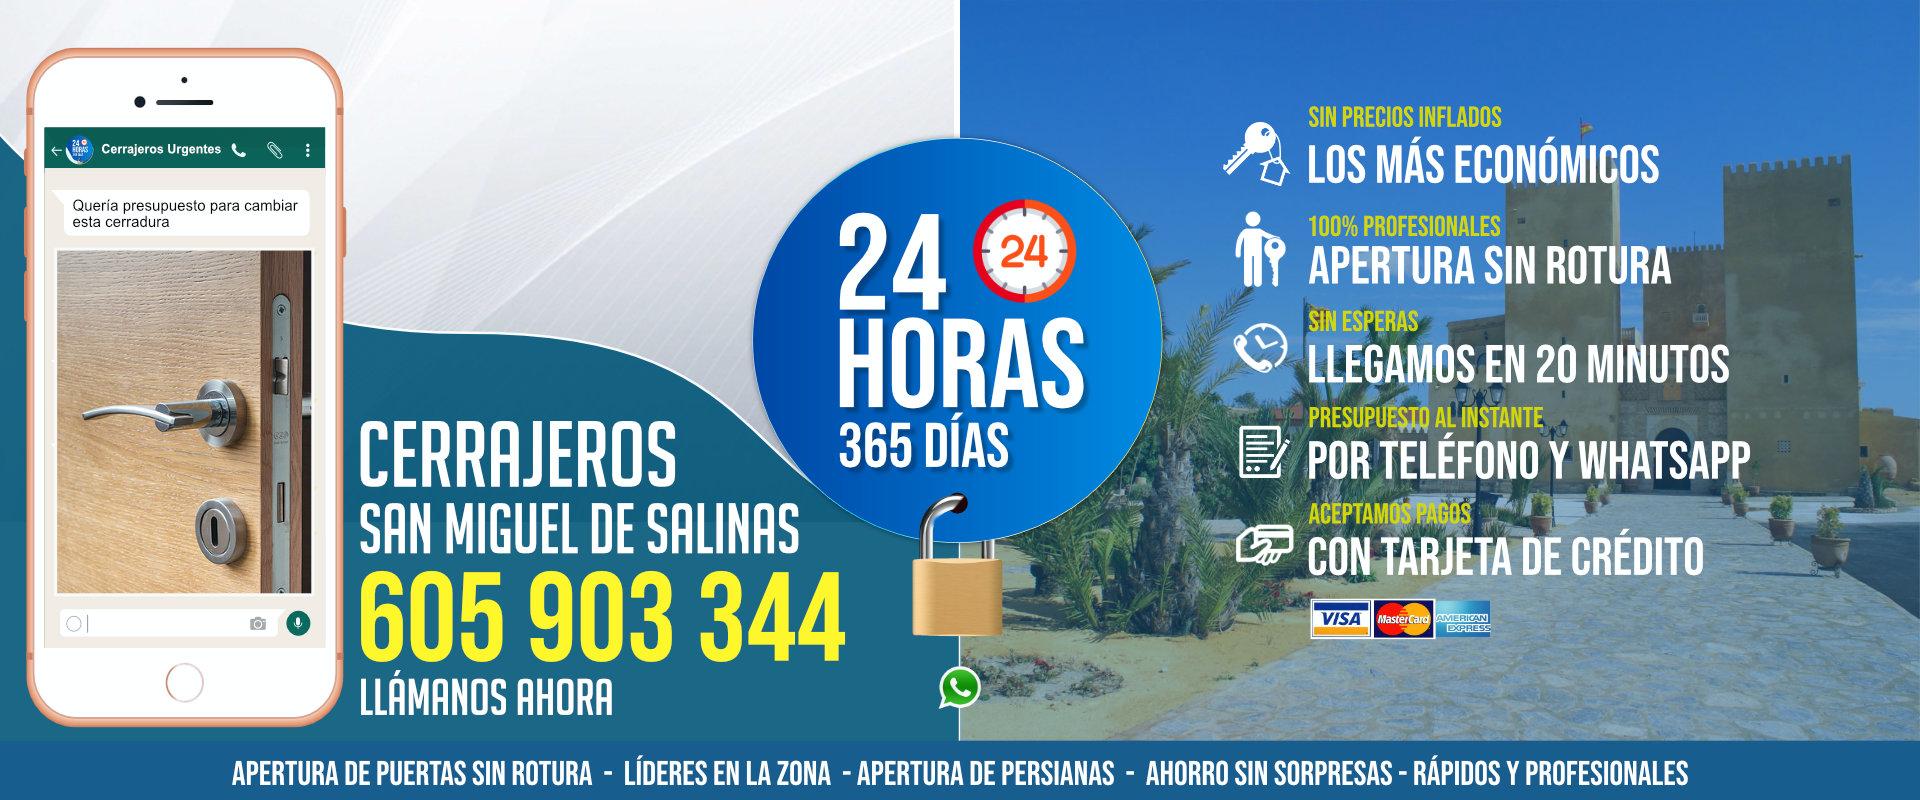 Cerrajeros San Miguel de Salinas 1